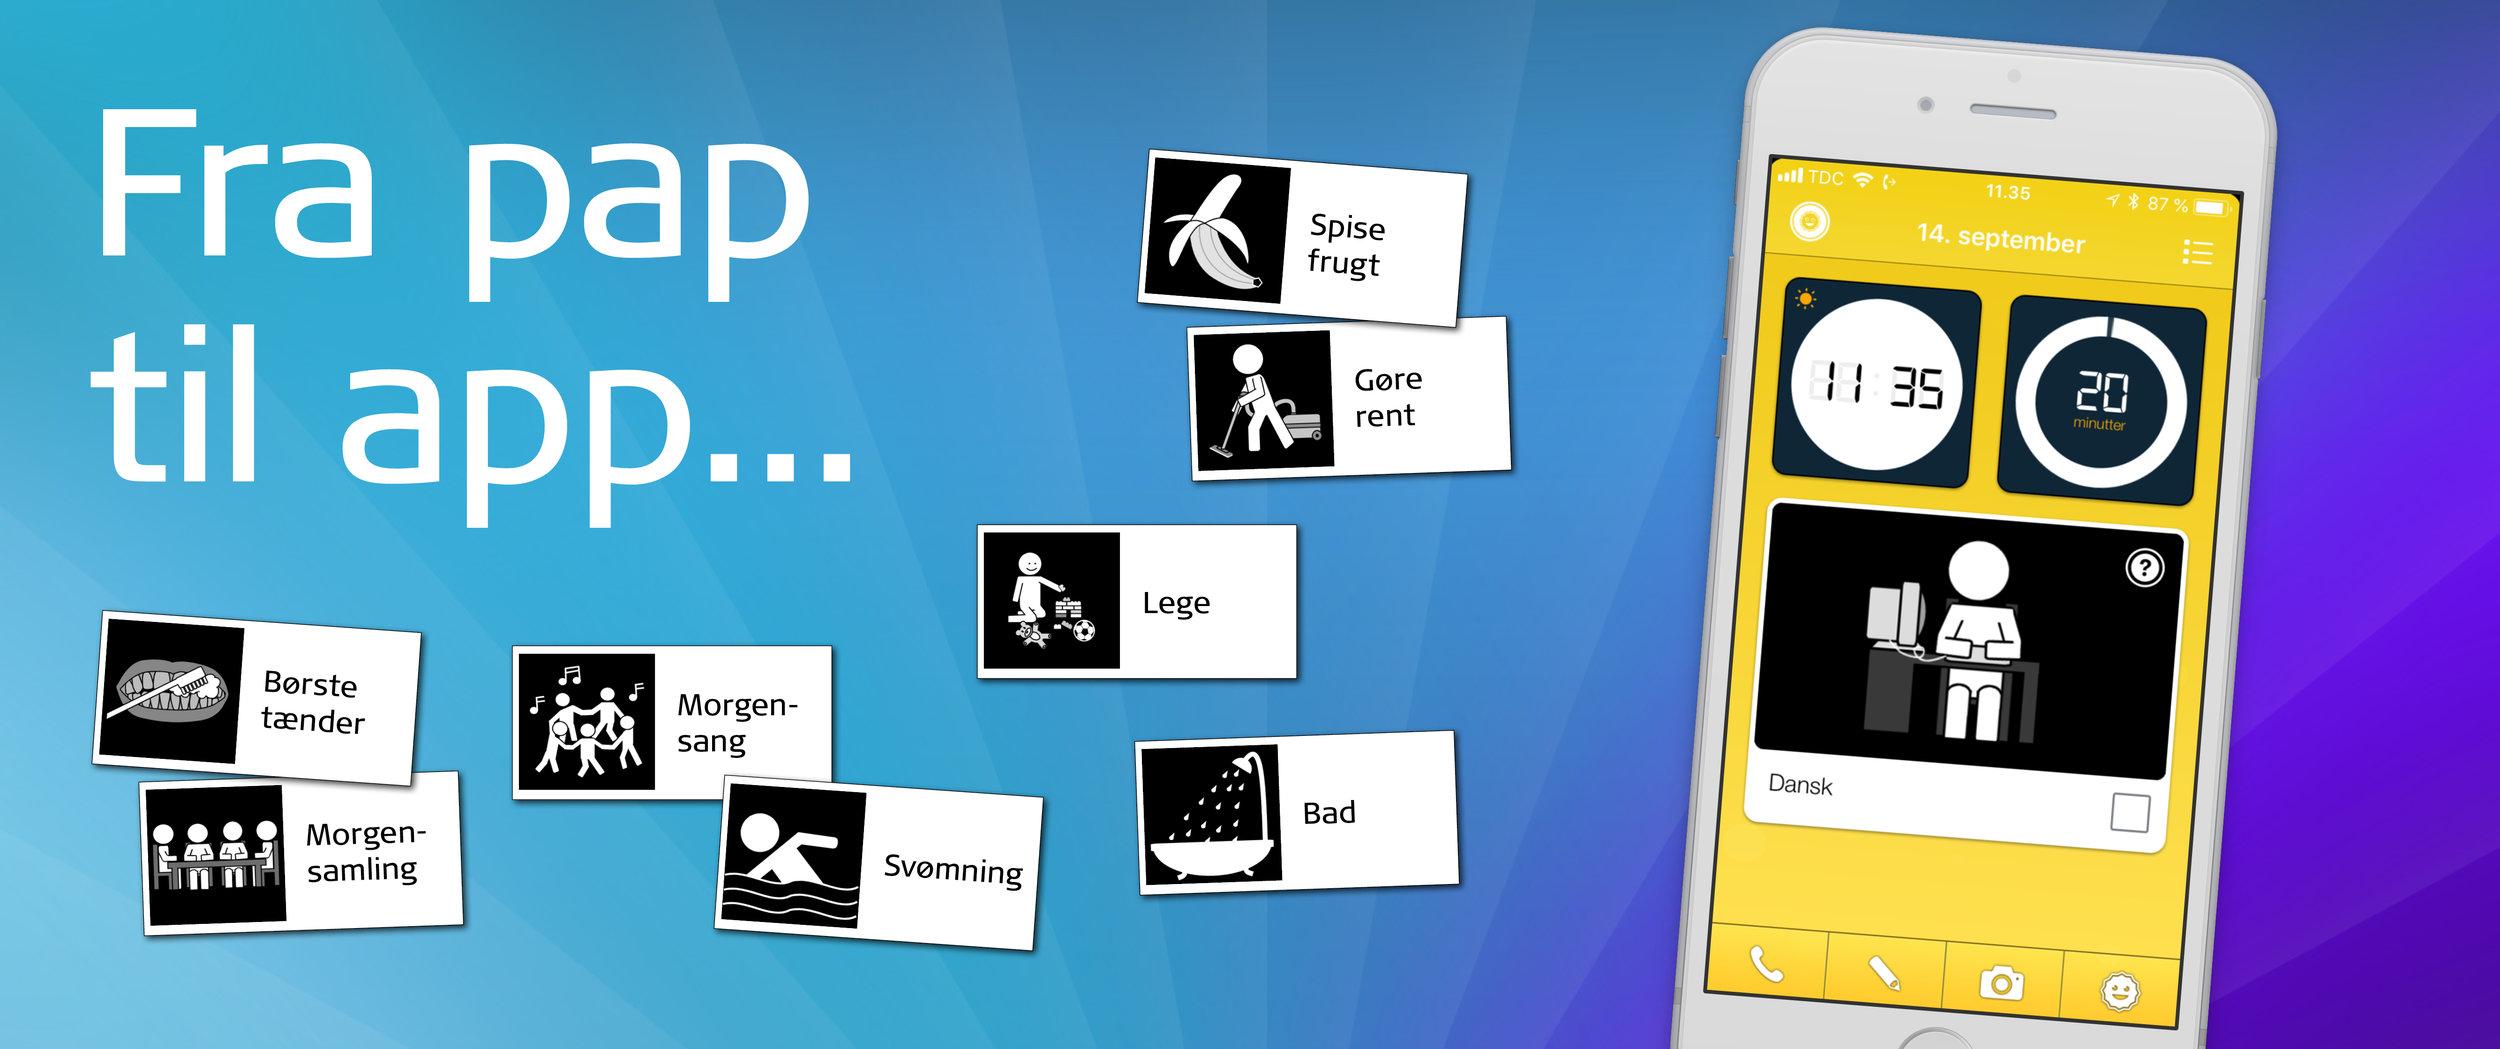 fra-pap-til-app.jpg